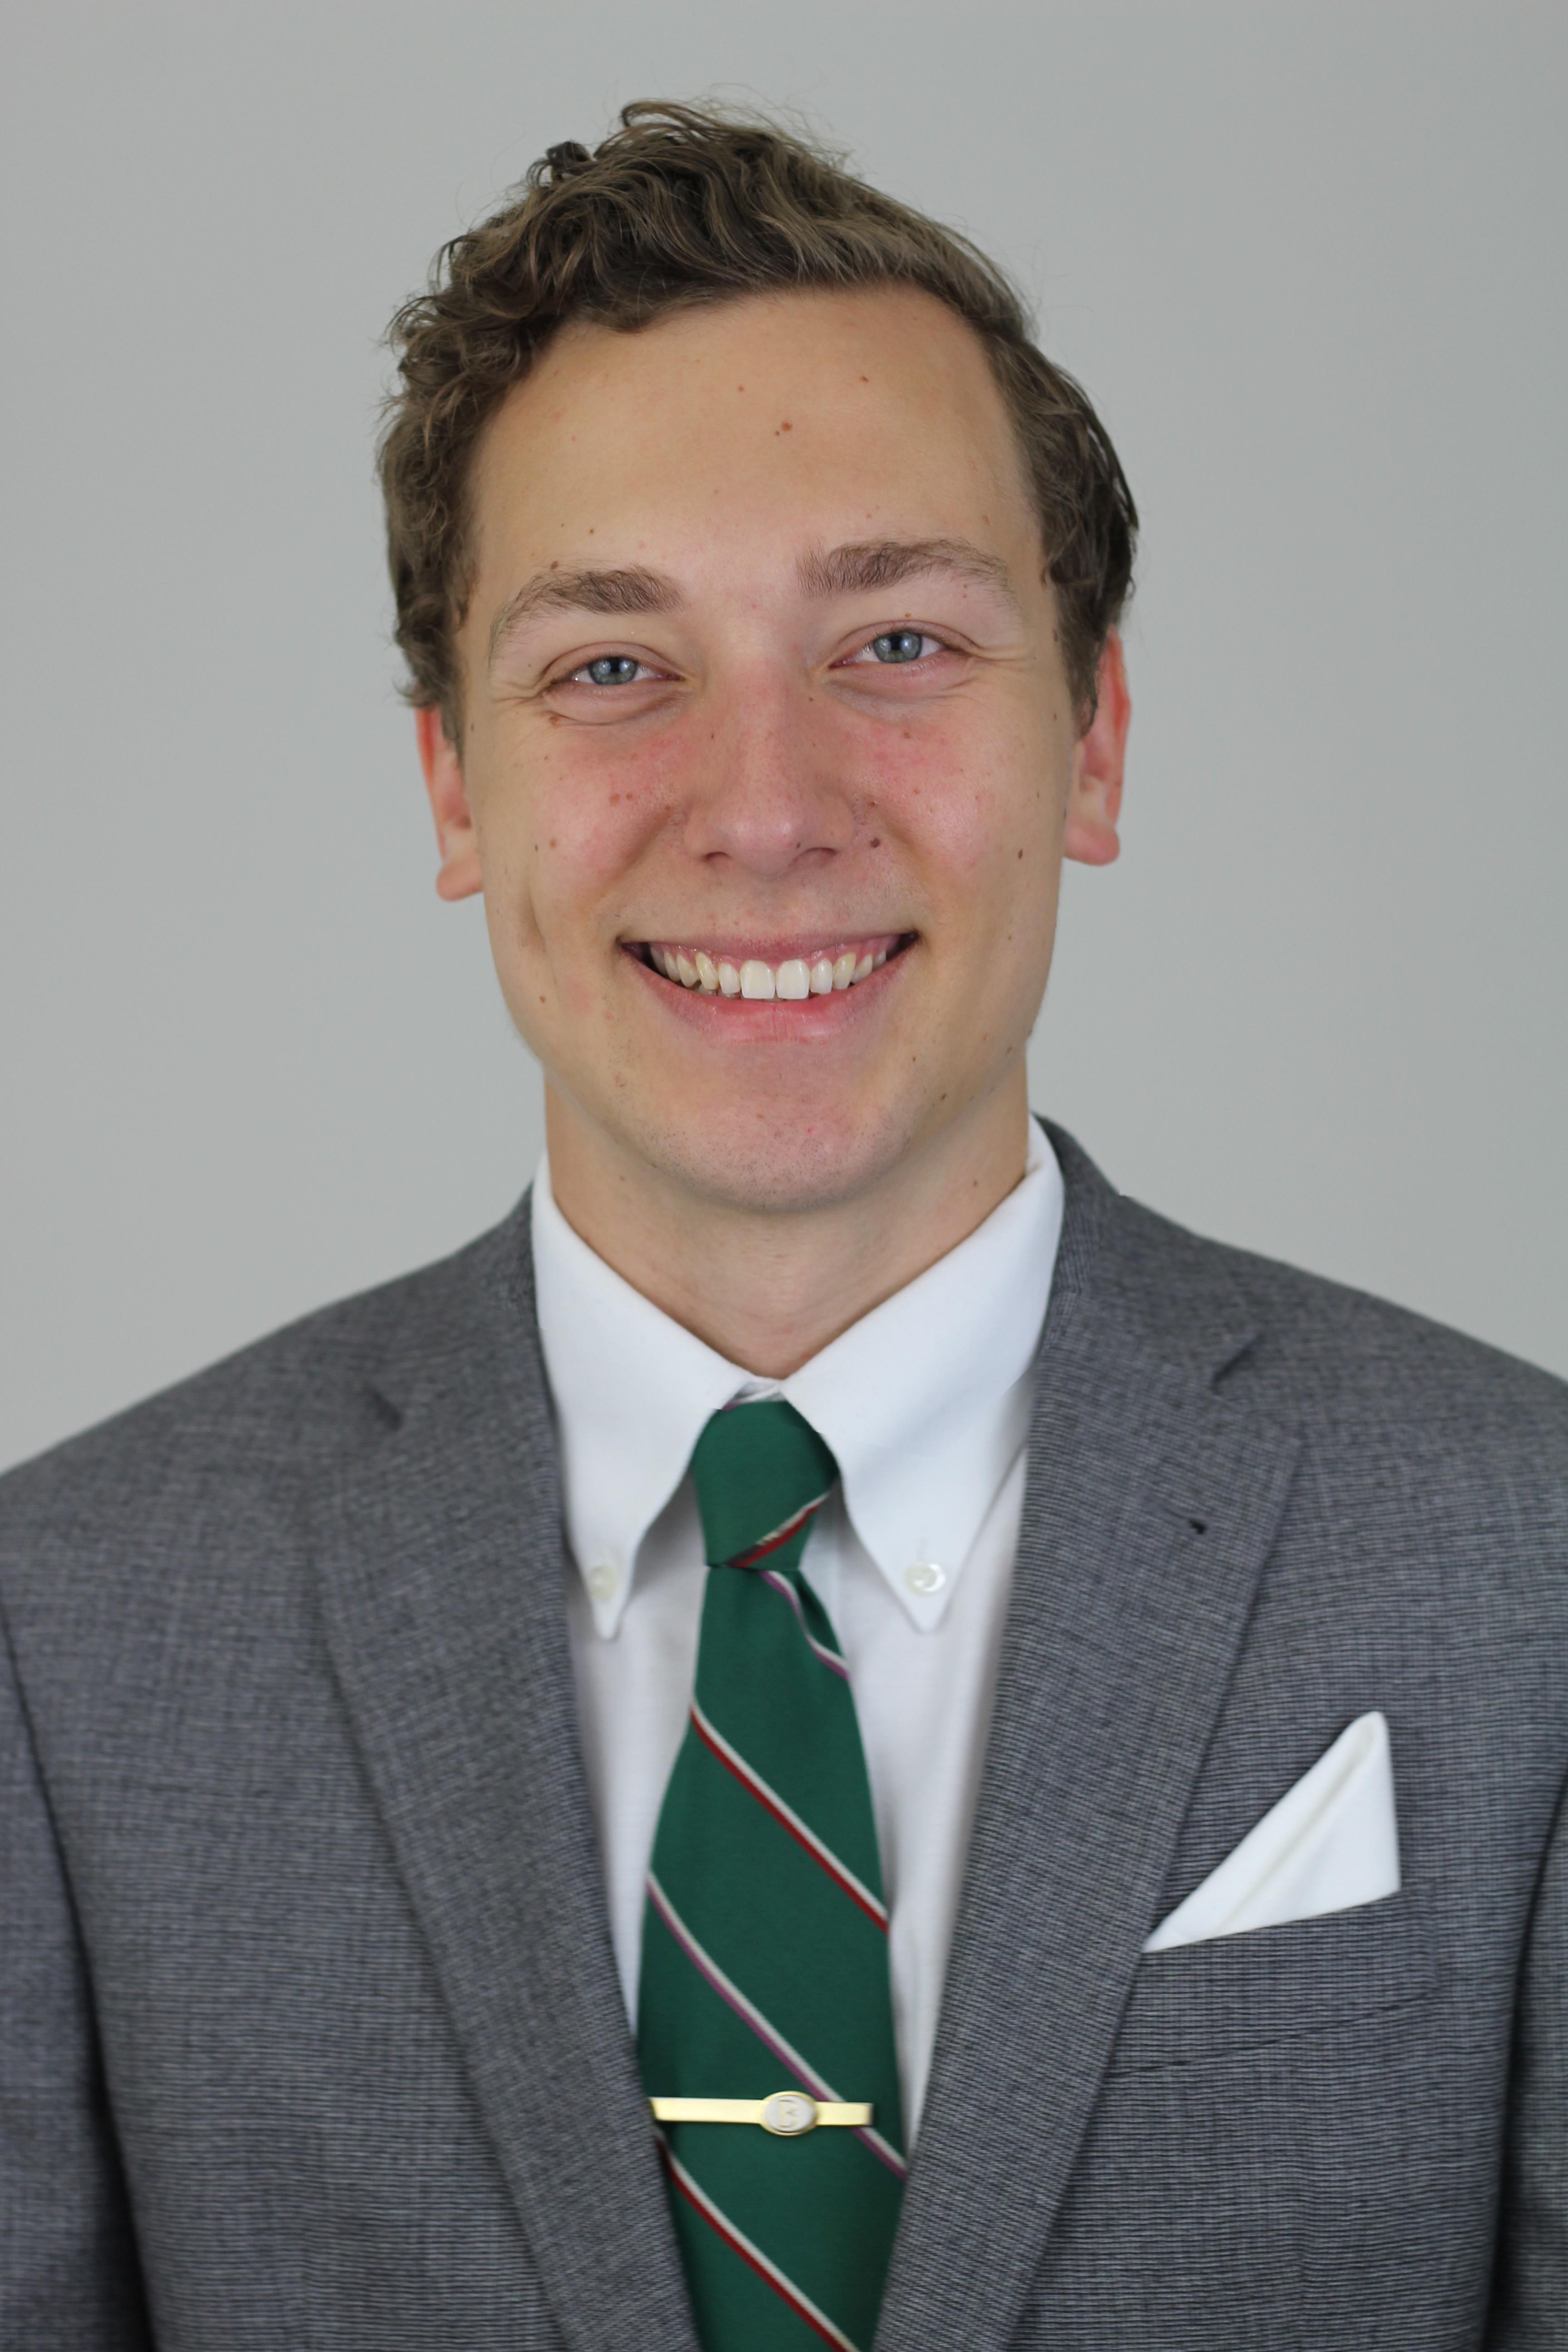 Tyler Burkhart